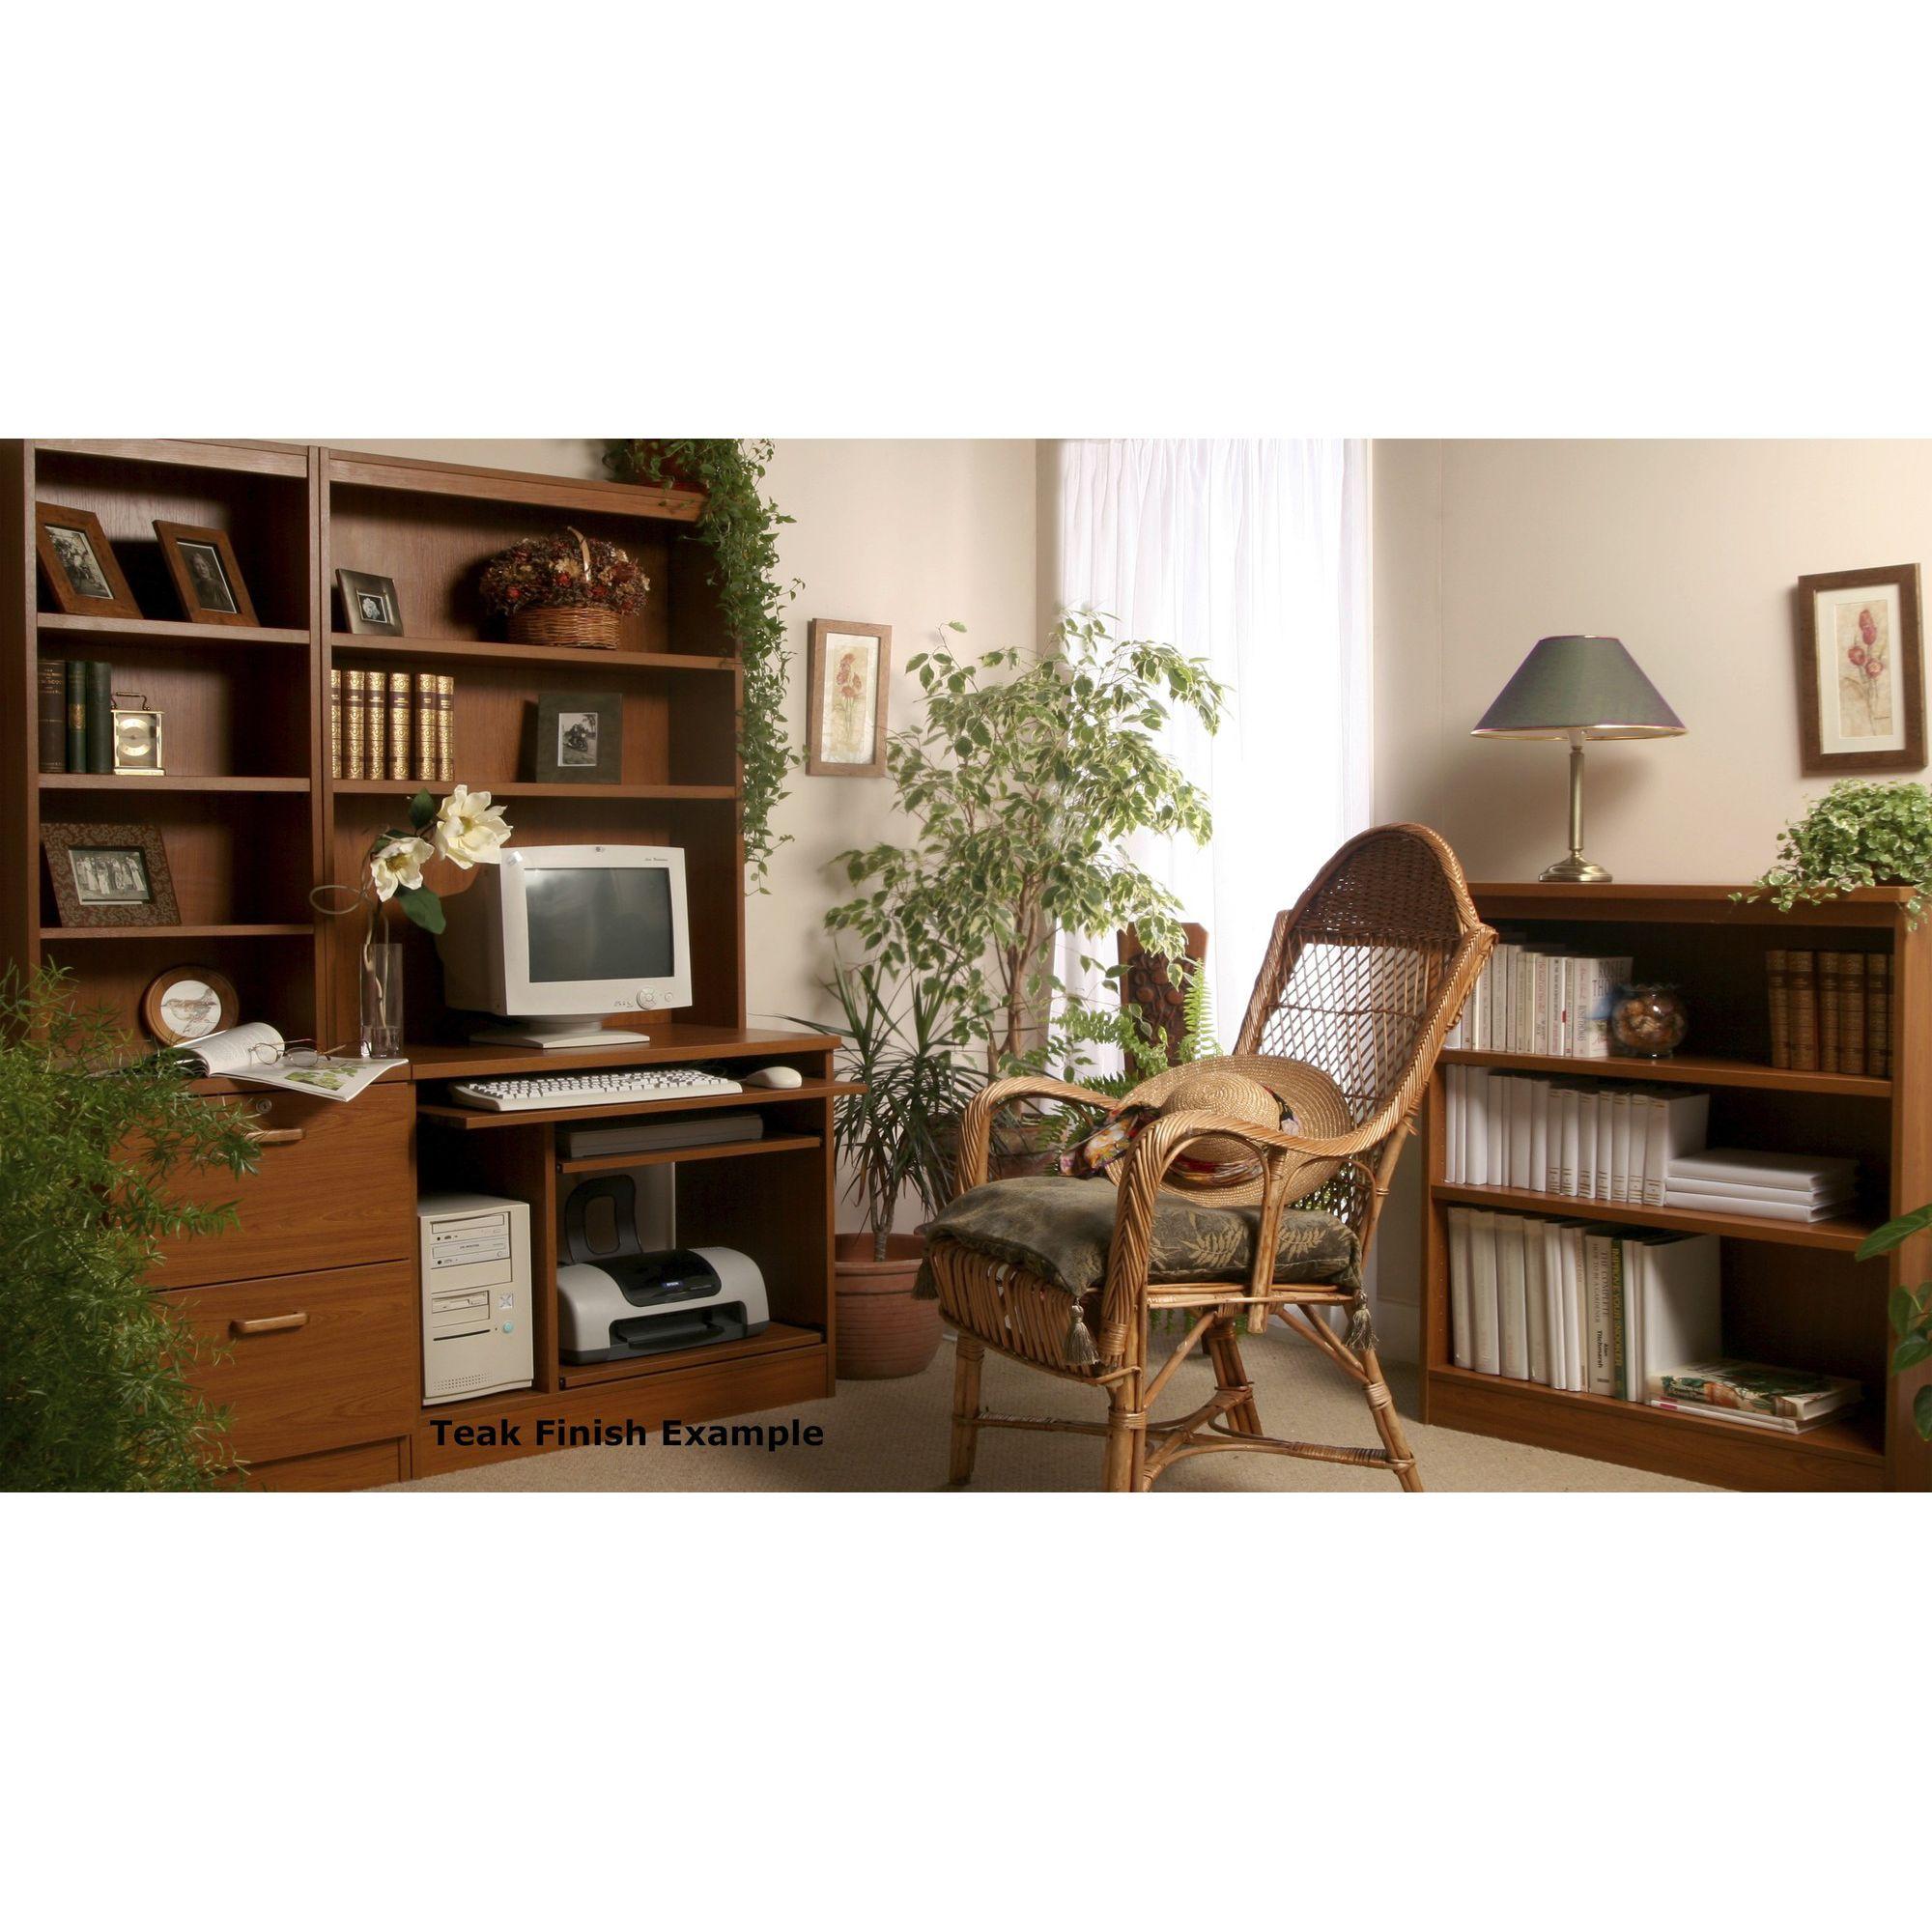 Enduro Two Drawer Wooden Filing Cabinet - Teak at Tesco Direct